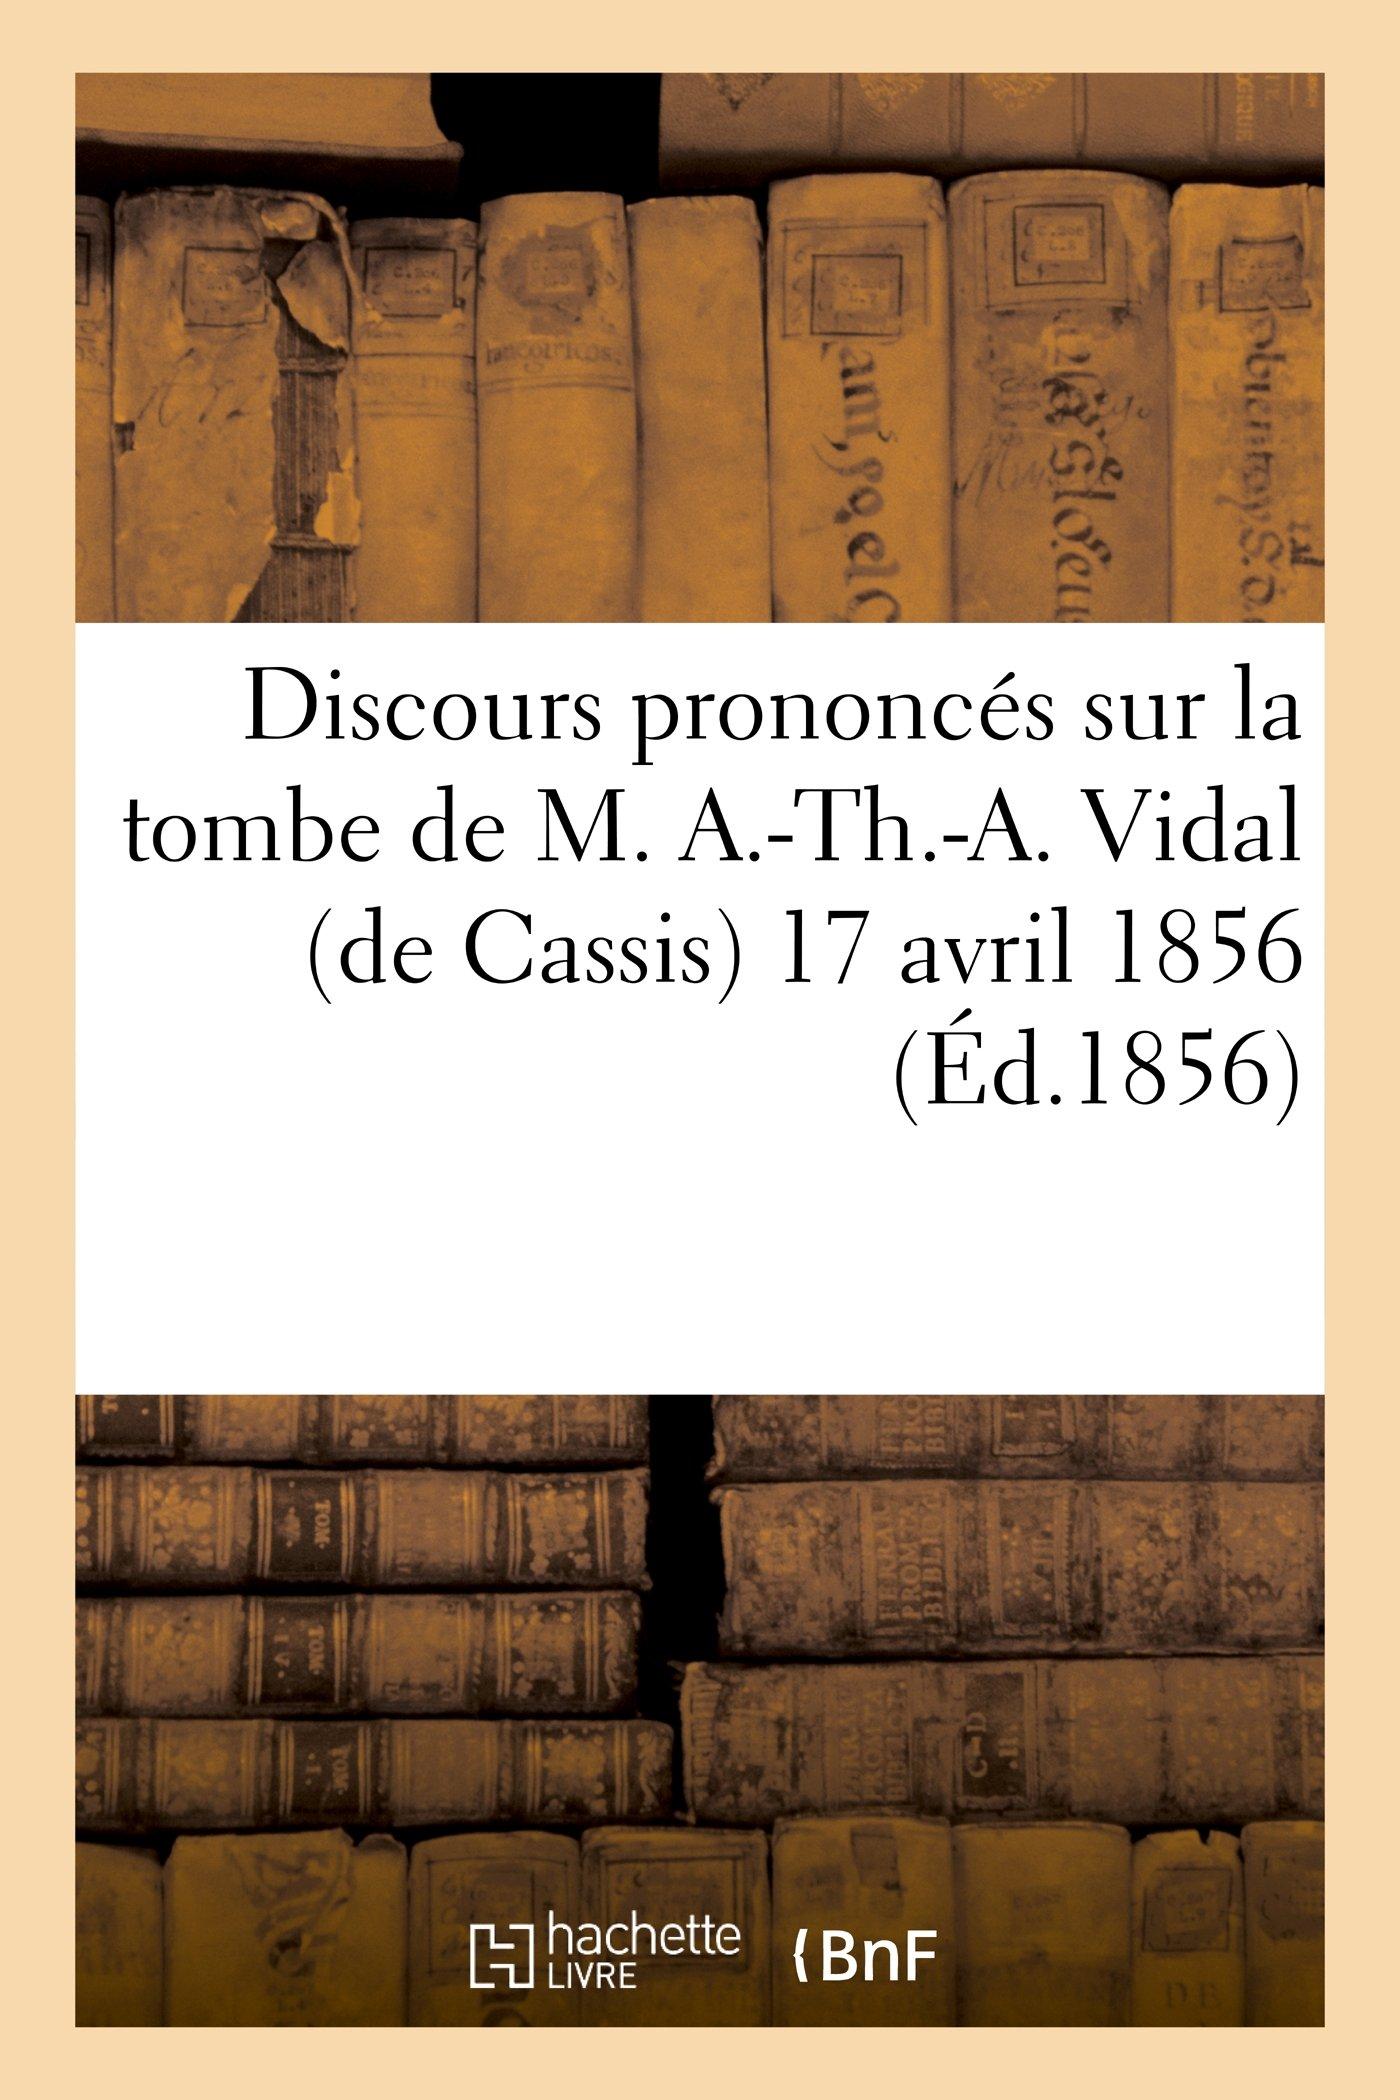 Discours Prononces Sur La Tombe de M. A.-Th.-A. Vidal (de Cassis) 17 Avril 1856 (Histoire) (French Edition) ebook